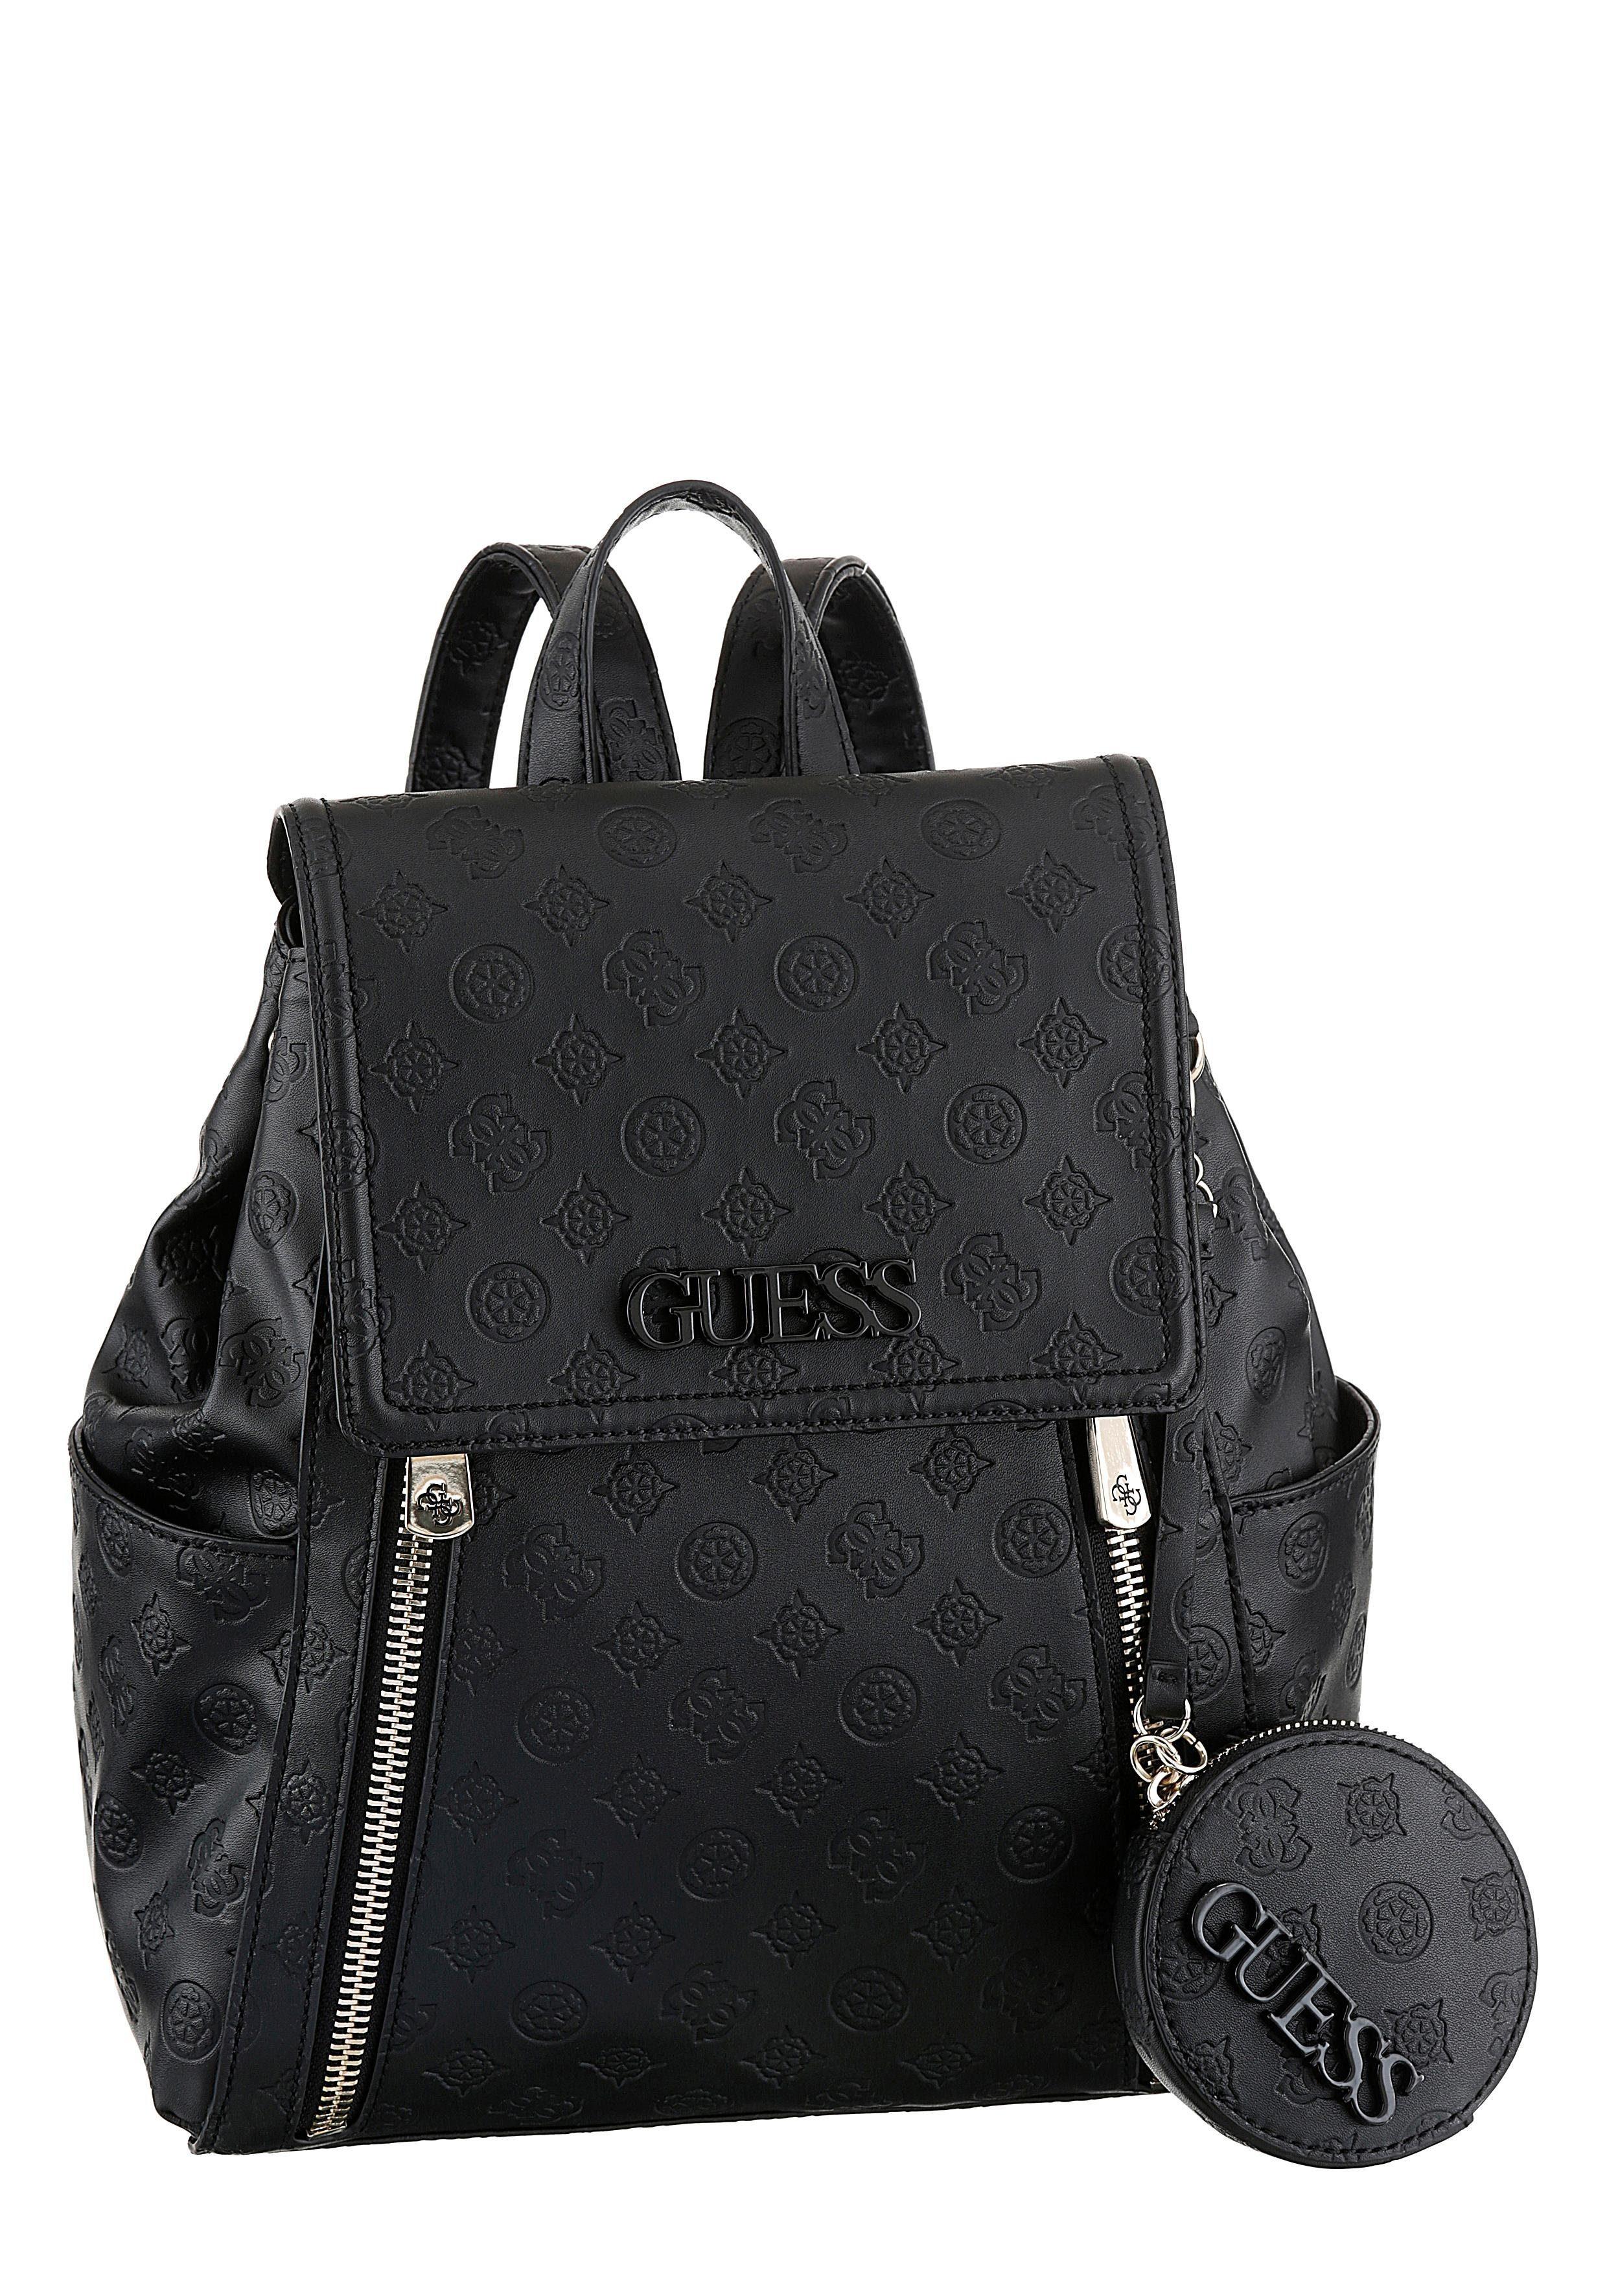 Guess Cityrucksack »Janelle Large Backpack«, mit abnehmbarem Reißverschluss Täschchen online kaufen | OTTO